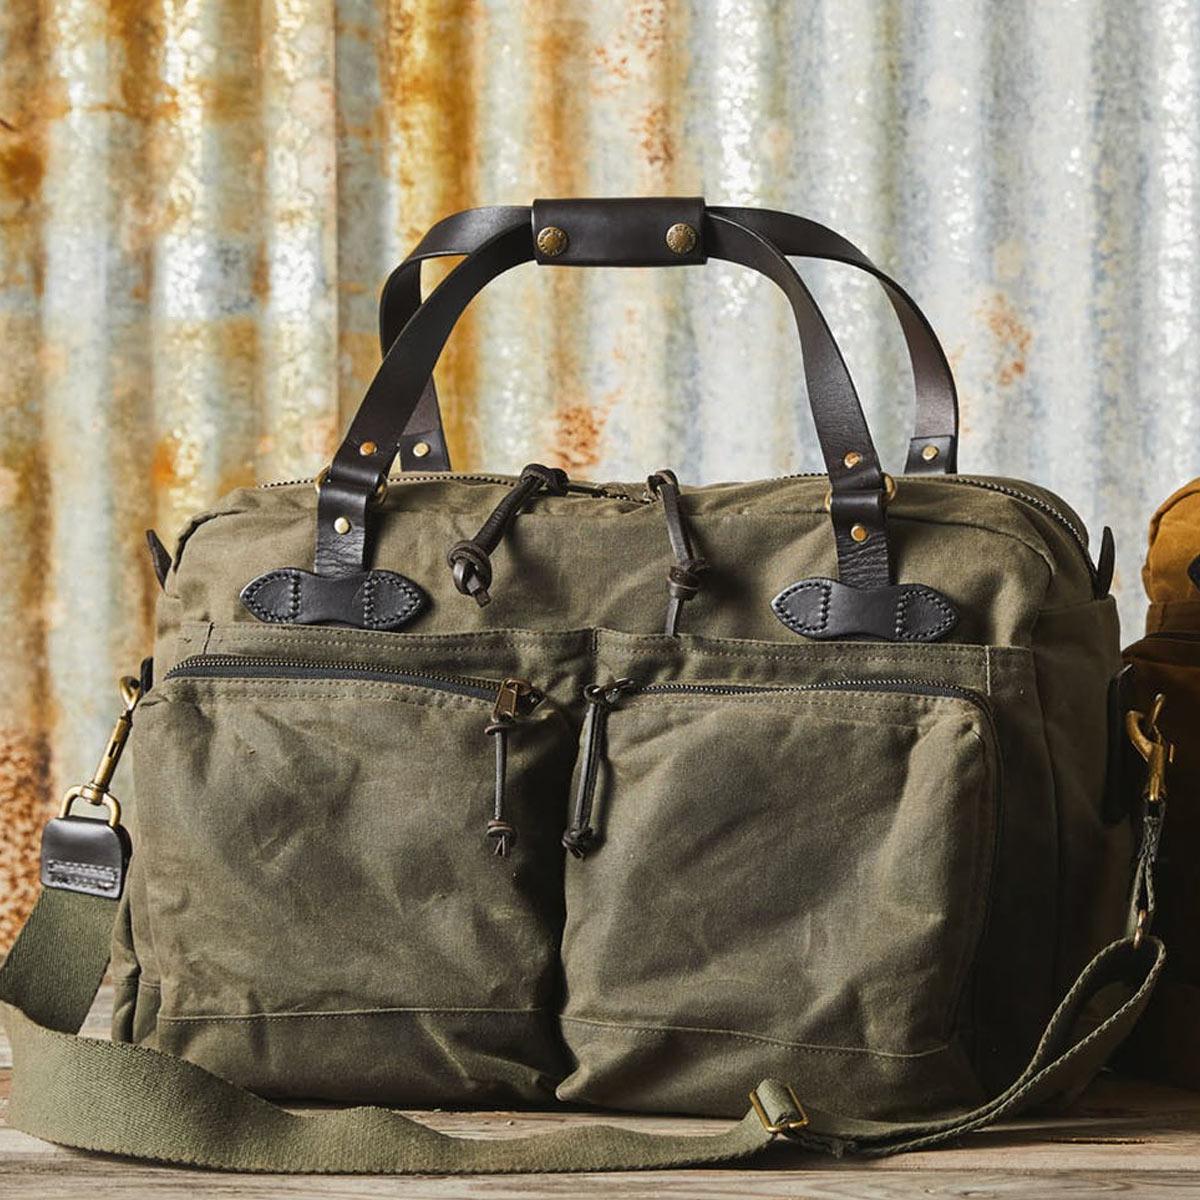 Filson 48-Hour Duffle 11070328 Otter Green, diese tolle Tasche ist der perfekte Geschäftspartner auf Reisen